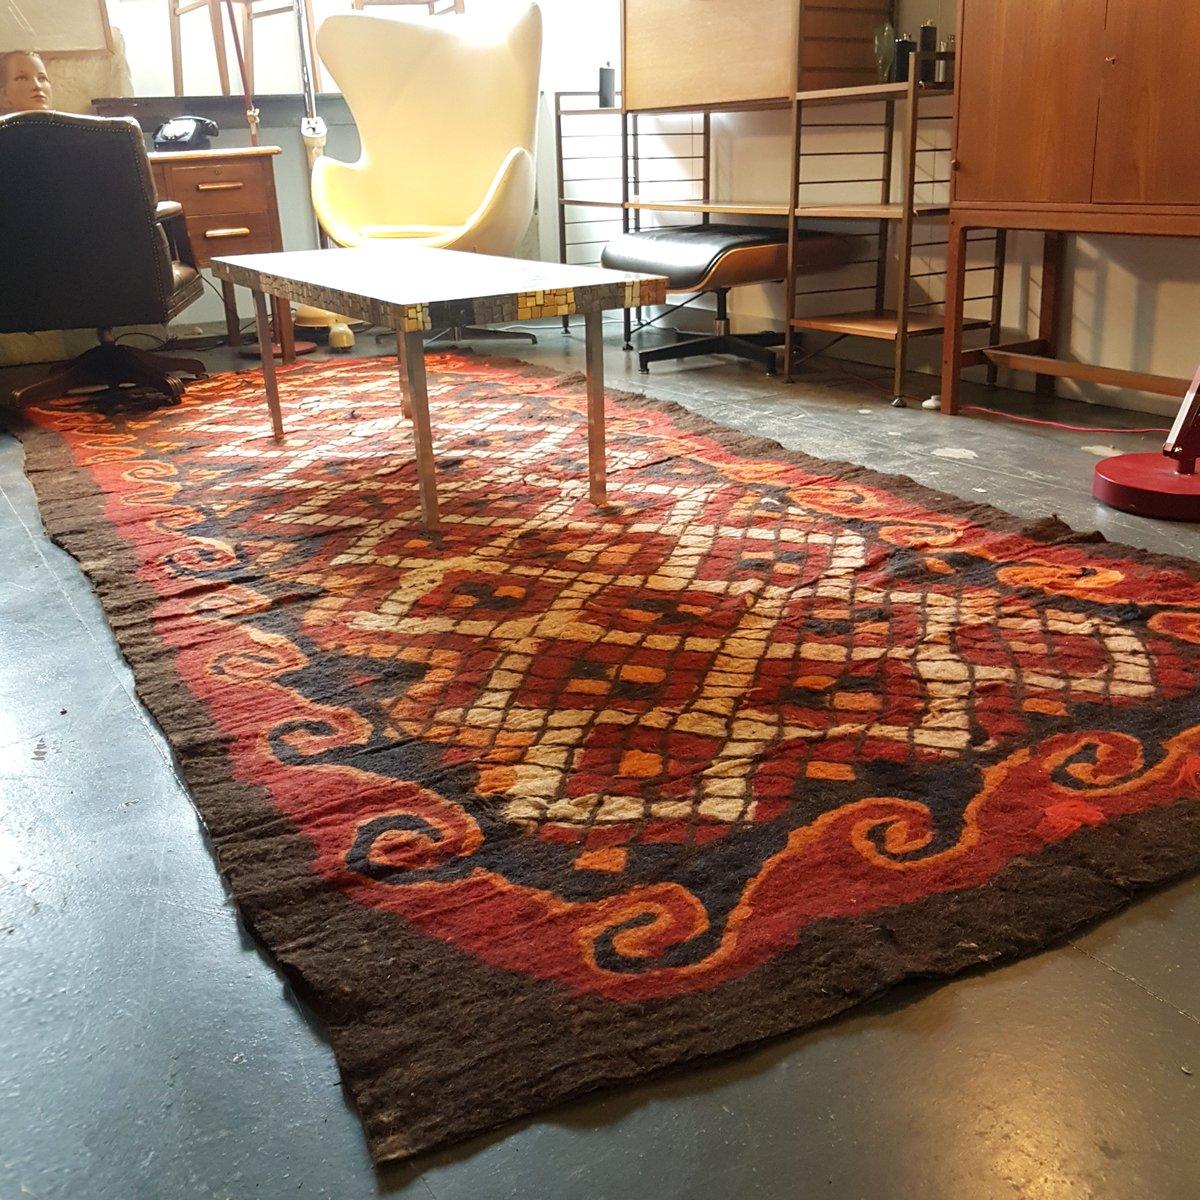 gro er antiker usbekischer teppich aus kamelhaar bei pamono kaufen. Black Bedroom Furniture Sets. Home Design Ideas